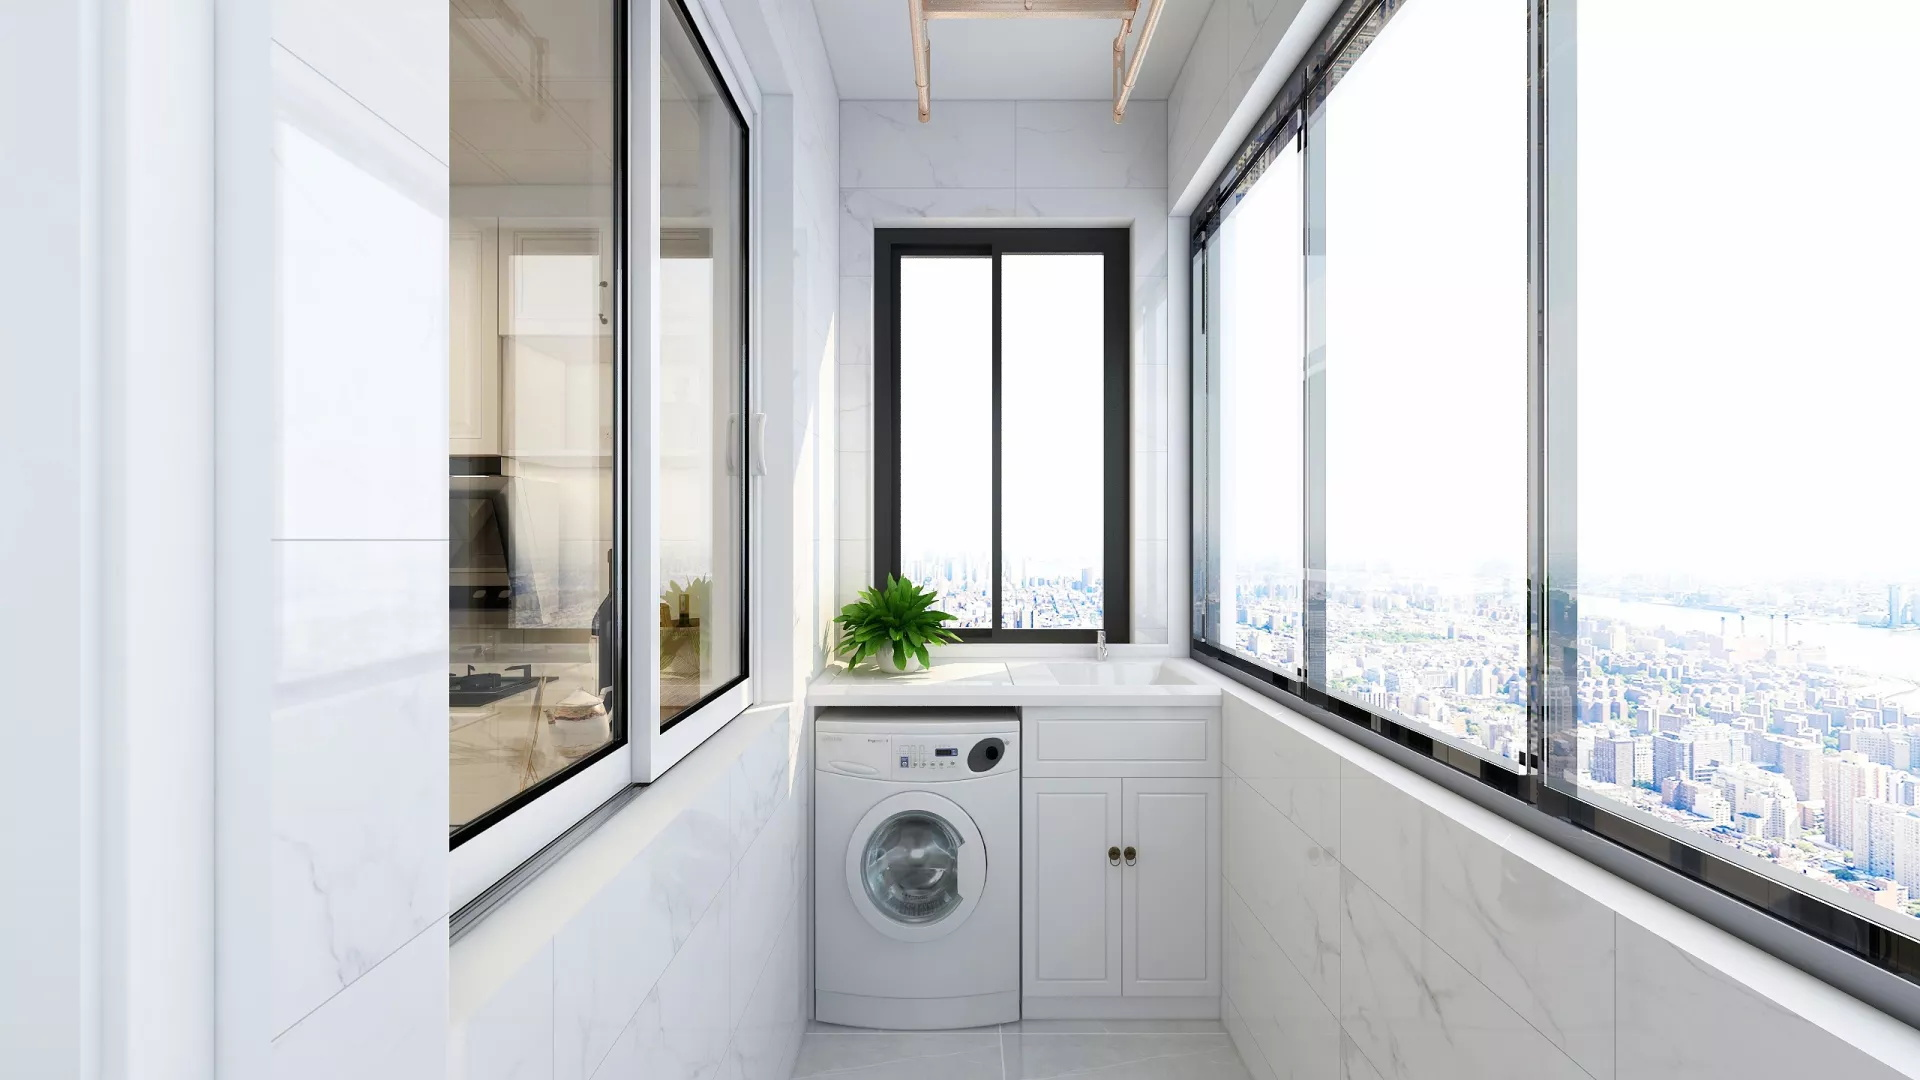 厨房排风扇如何安装 厨房排风扇安装方法介绍